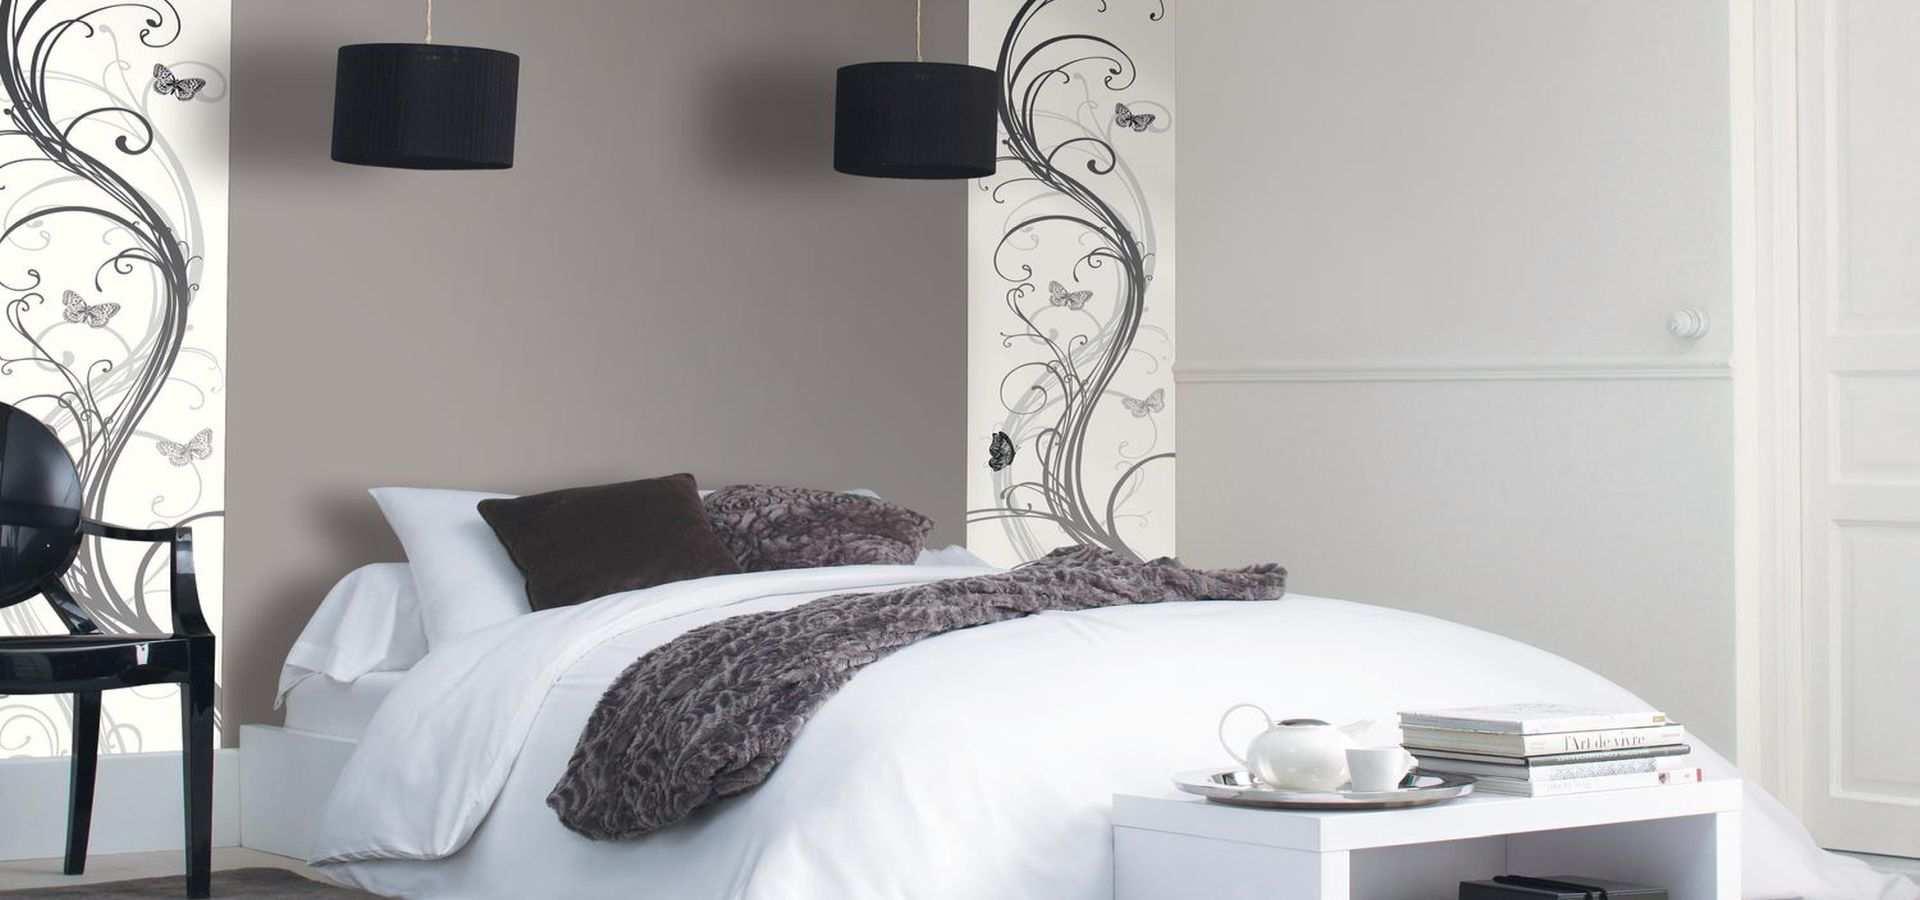 Bild Schlafzimmer Tapete Ranke mit Schmetterling